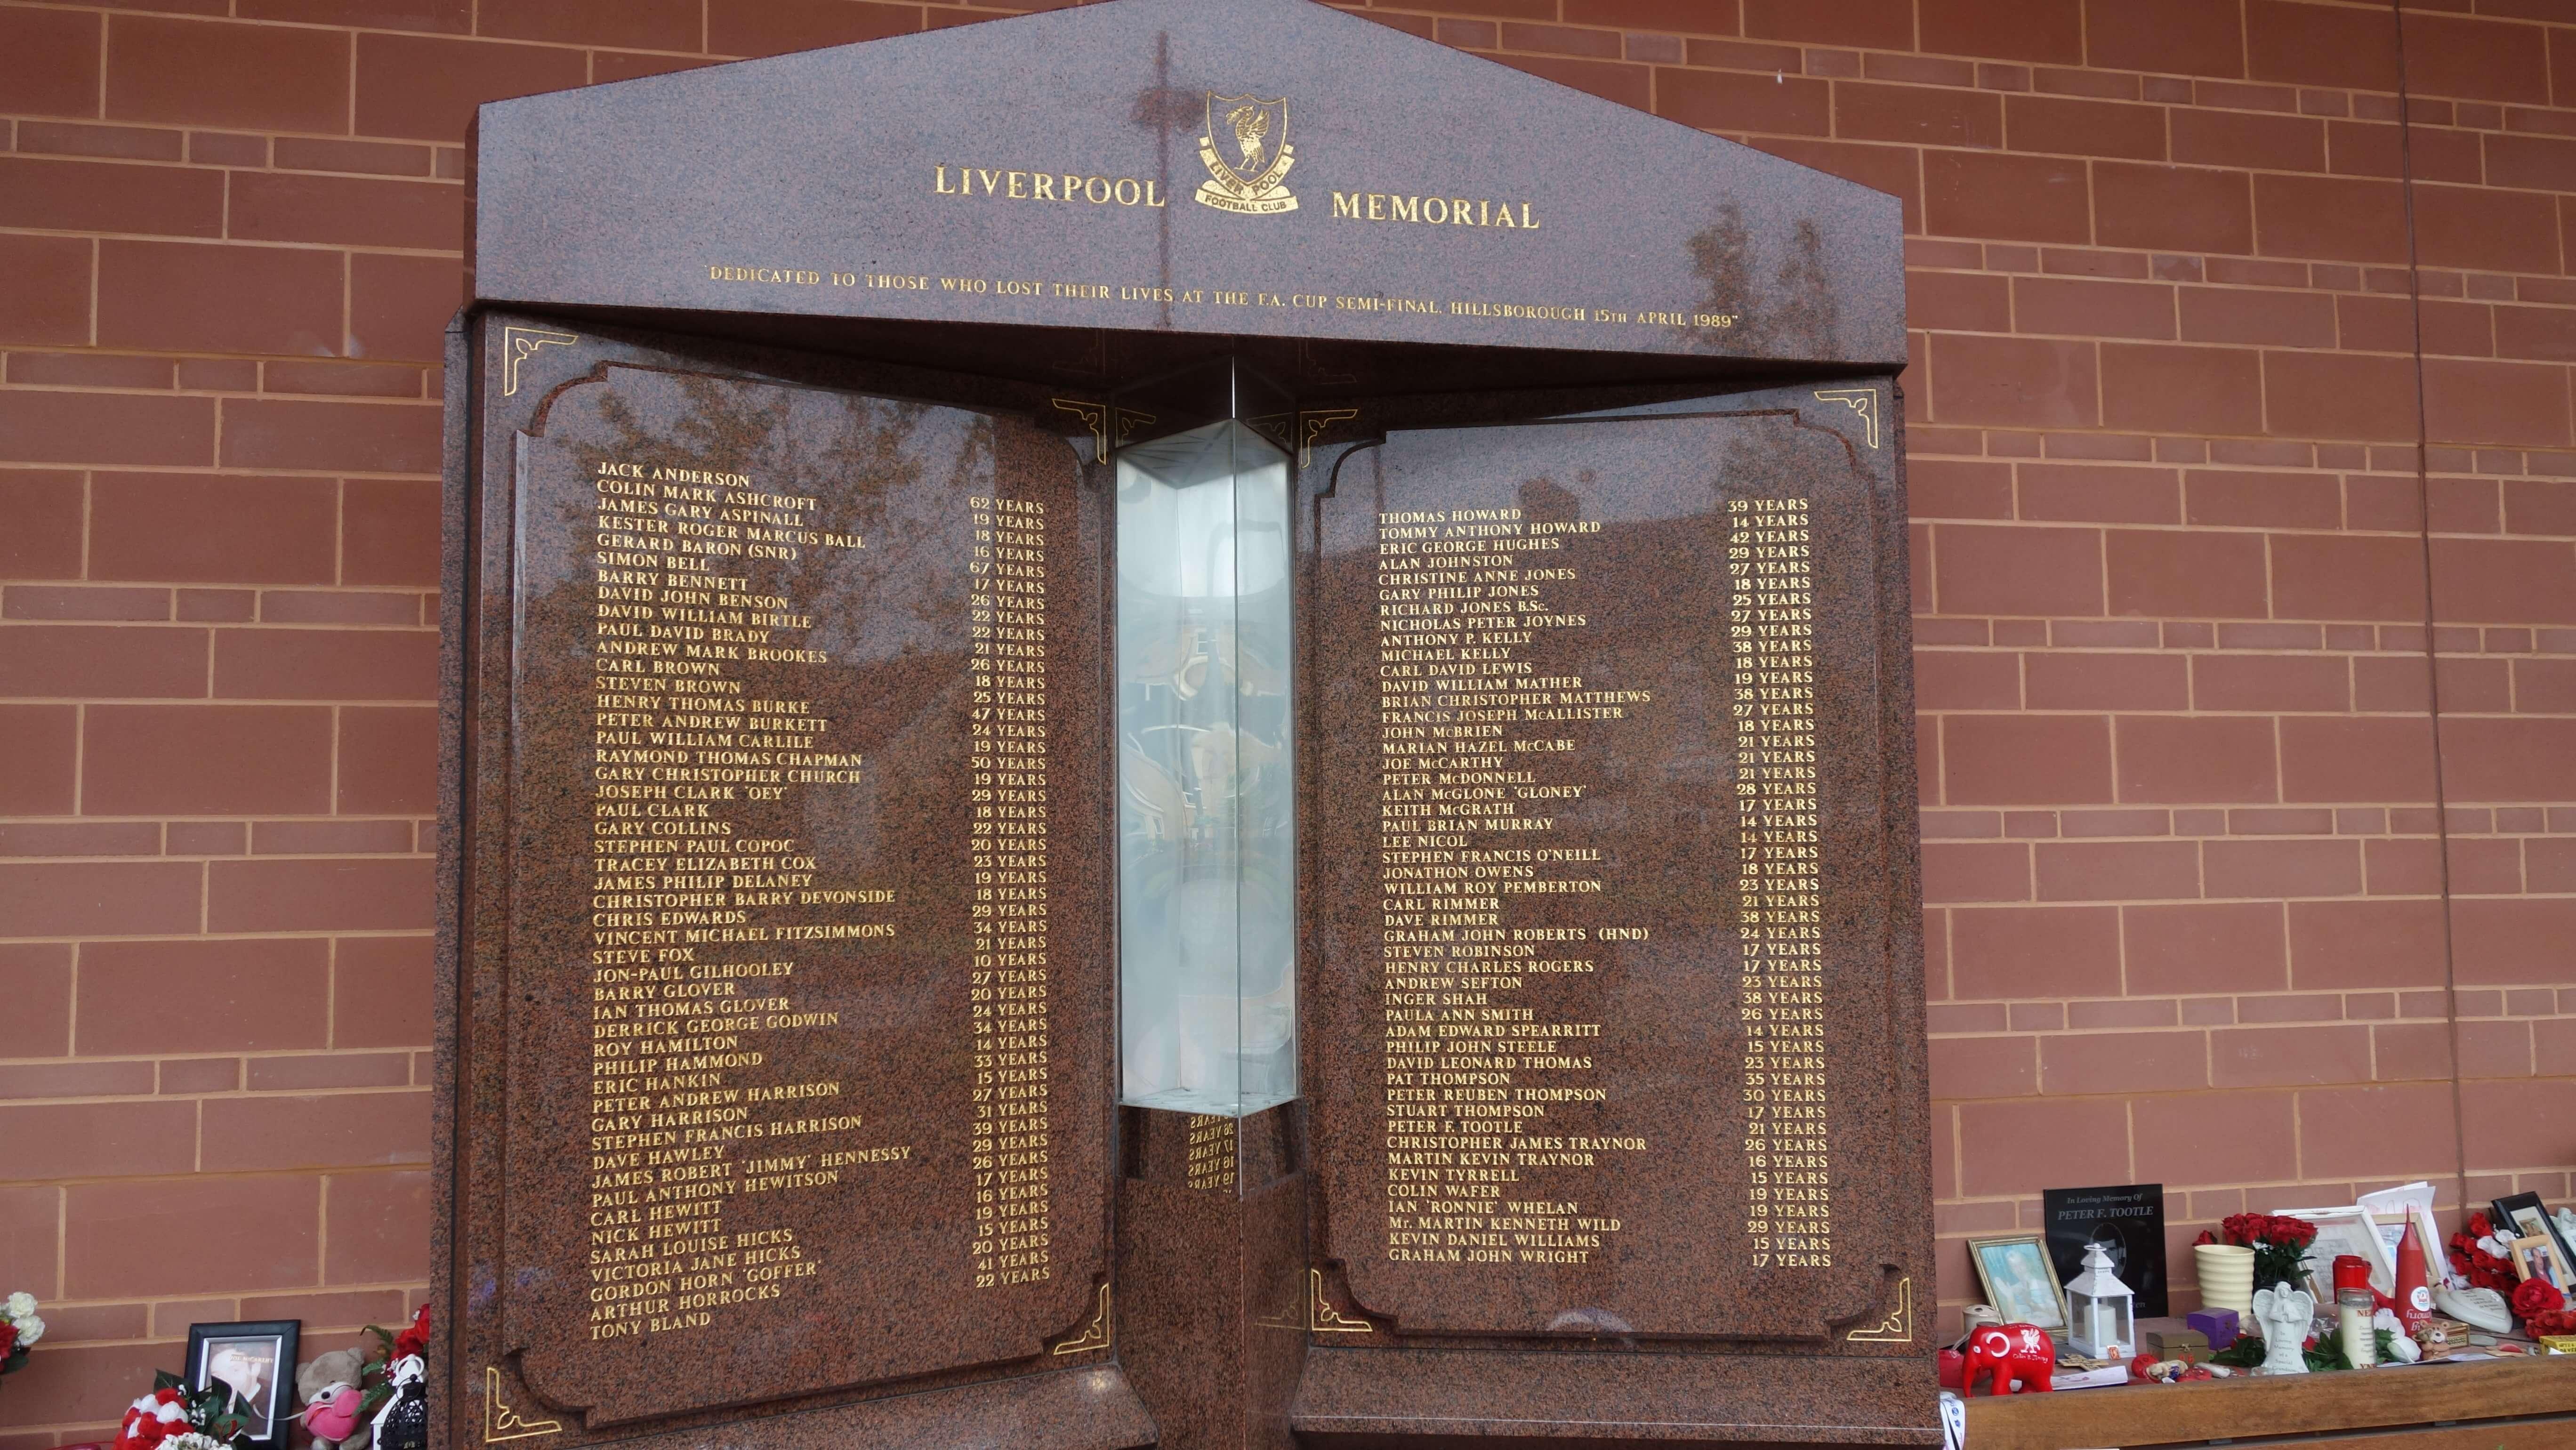 pamätník na počesť obetí v Hillsborough 1989